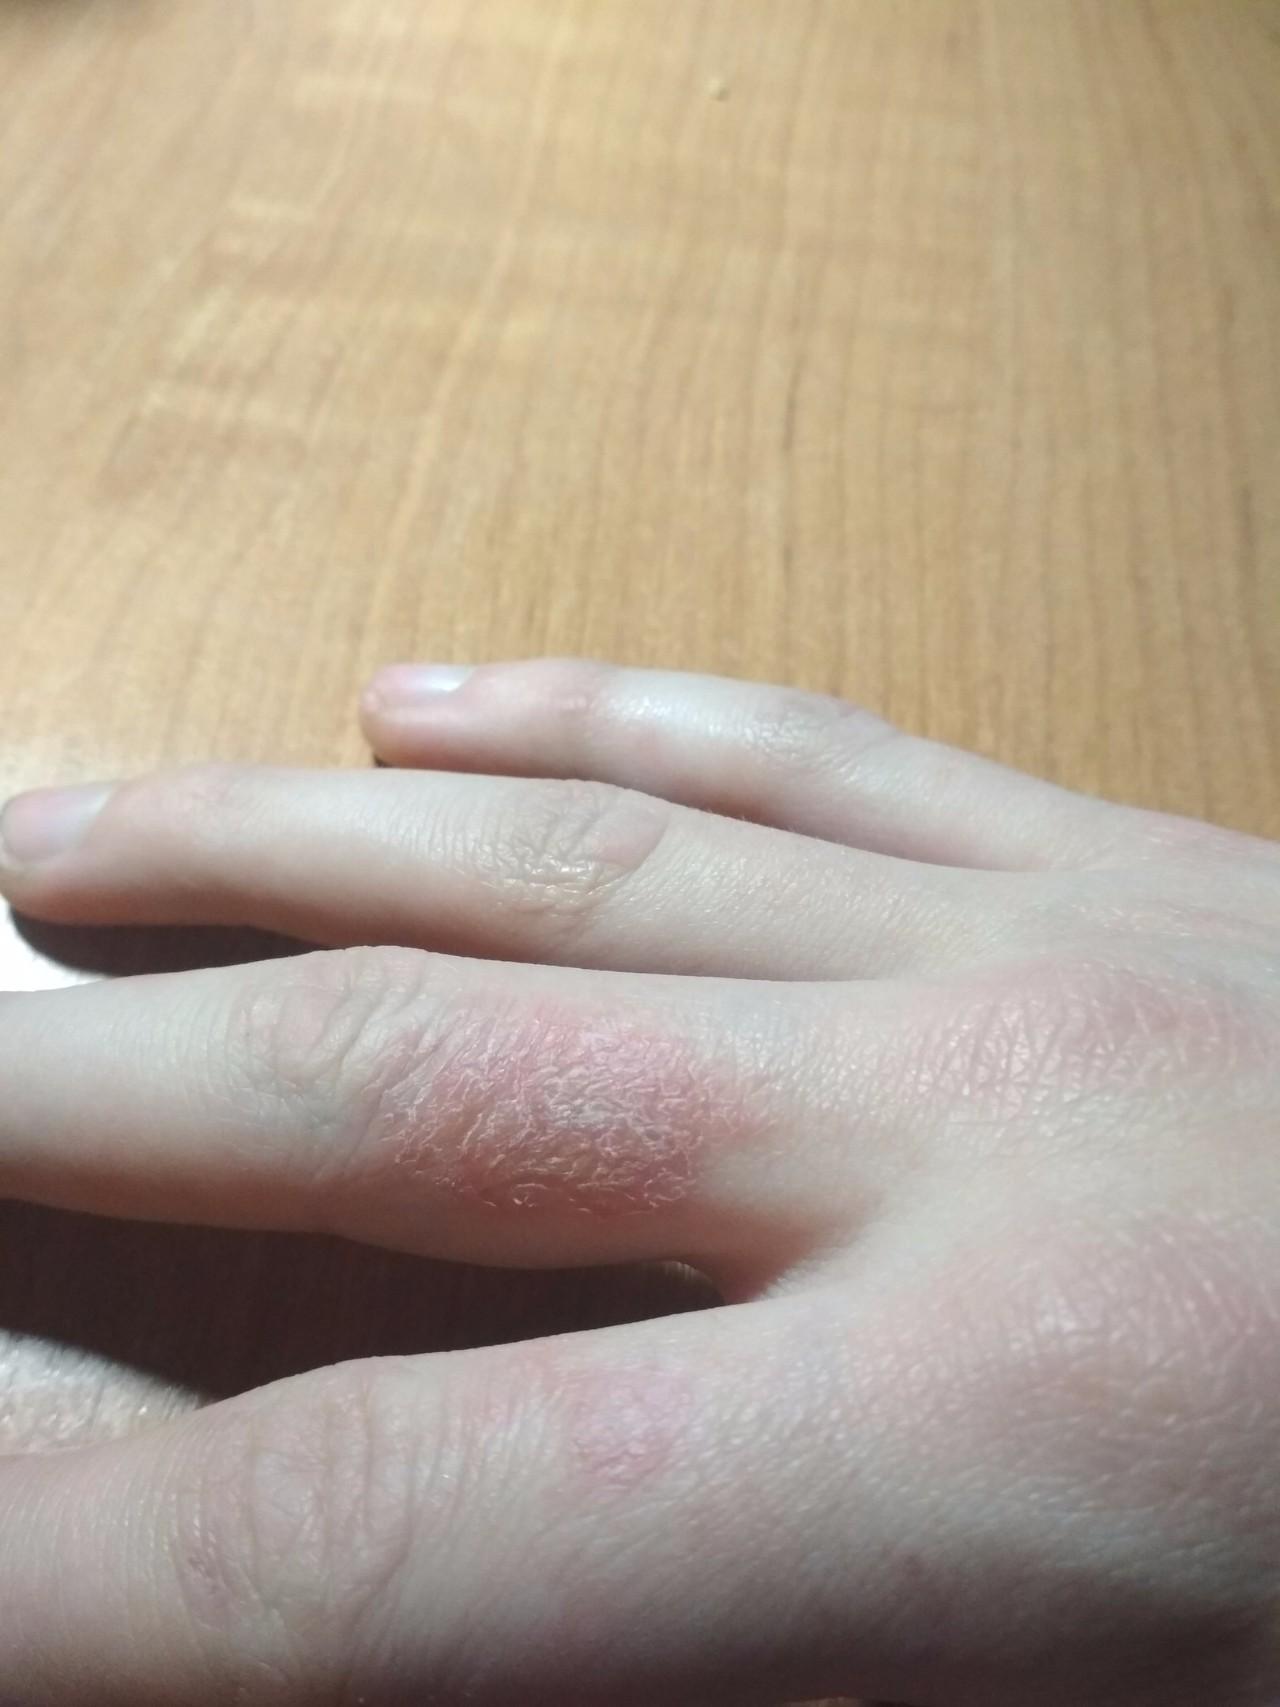 Шелушение кожи на руках — причины, способы лечения. народные рецепты избавления от шелушащейся кожи рук